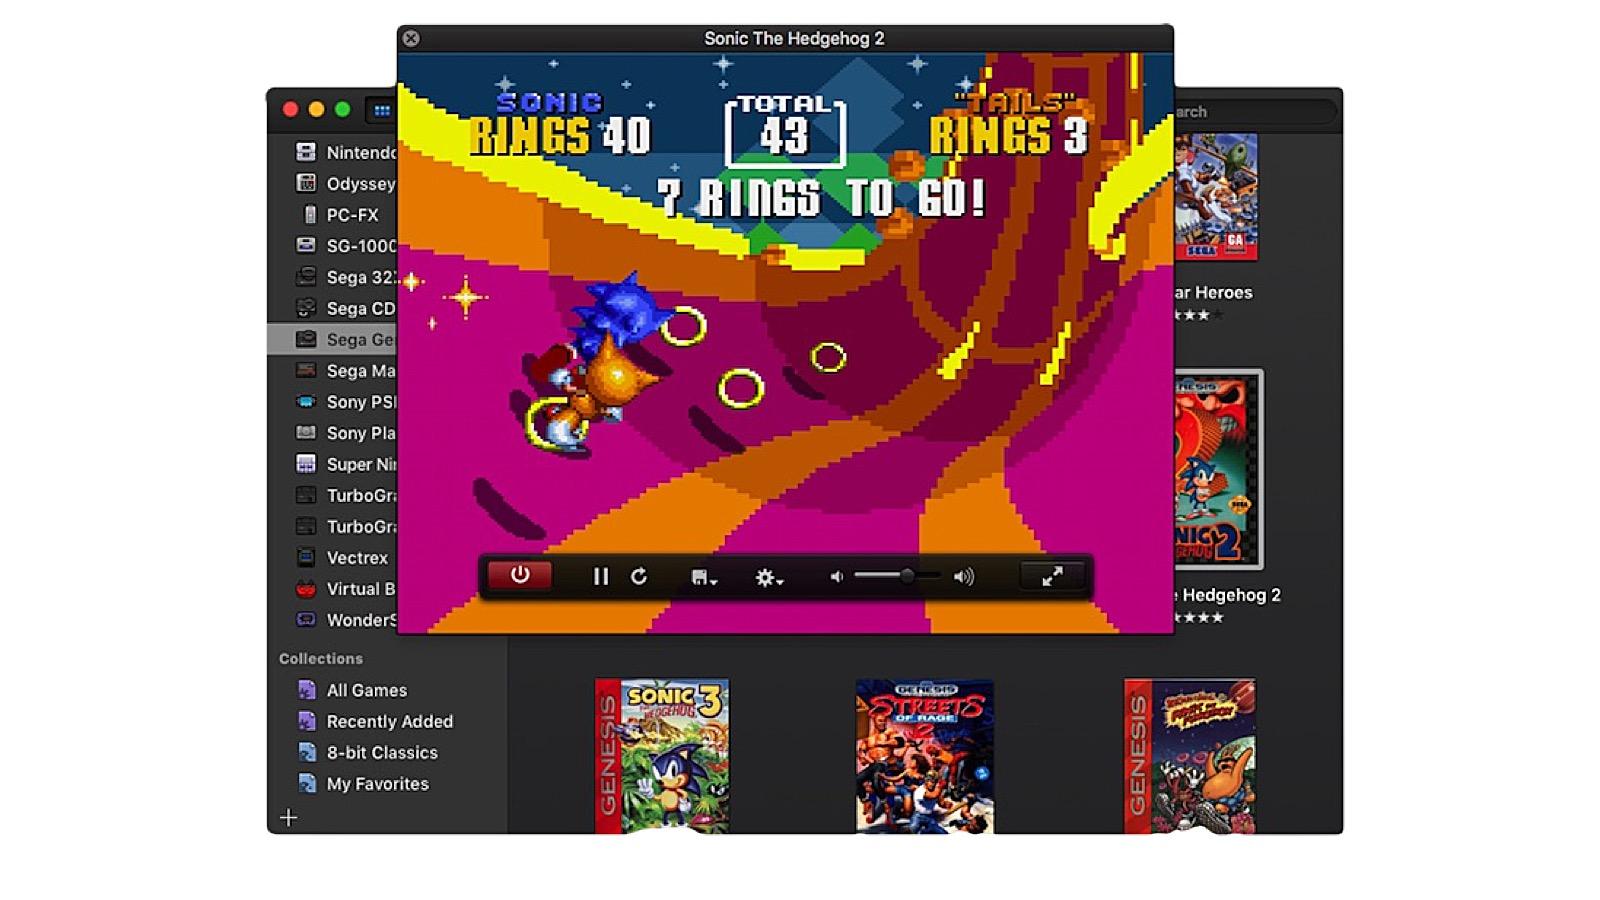 Эмулятор ретроприставок OpenEmu теперь поддерживает Nintendo 64 и PlayStation 1